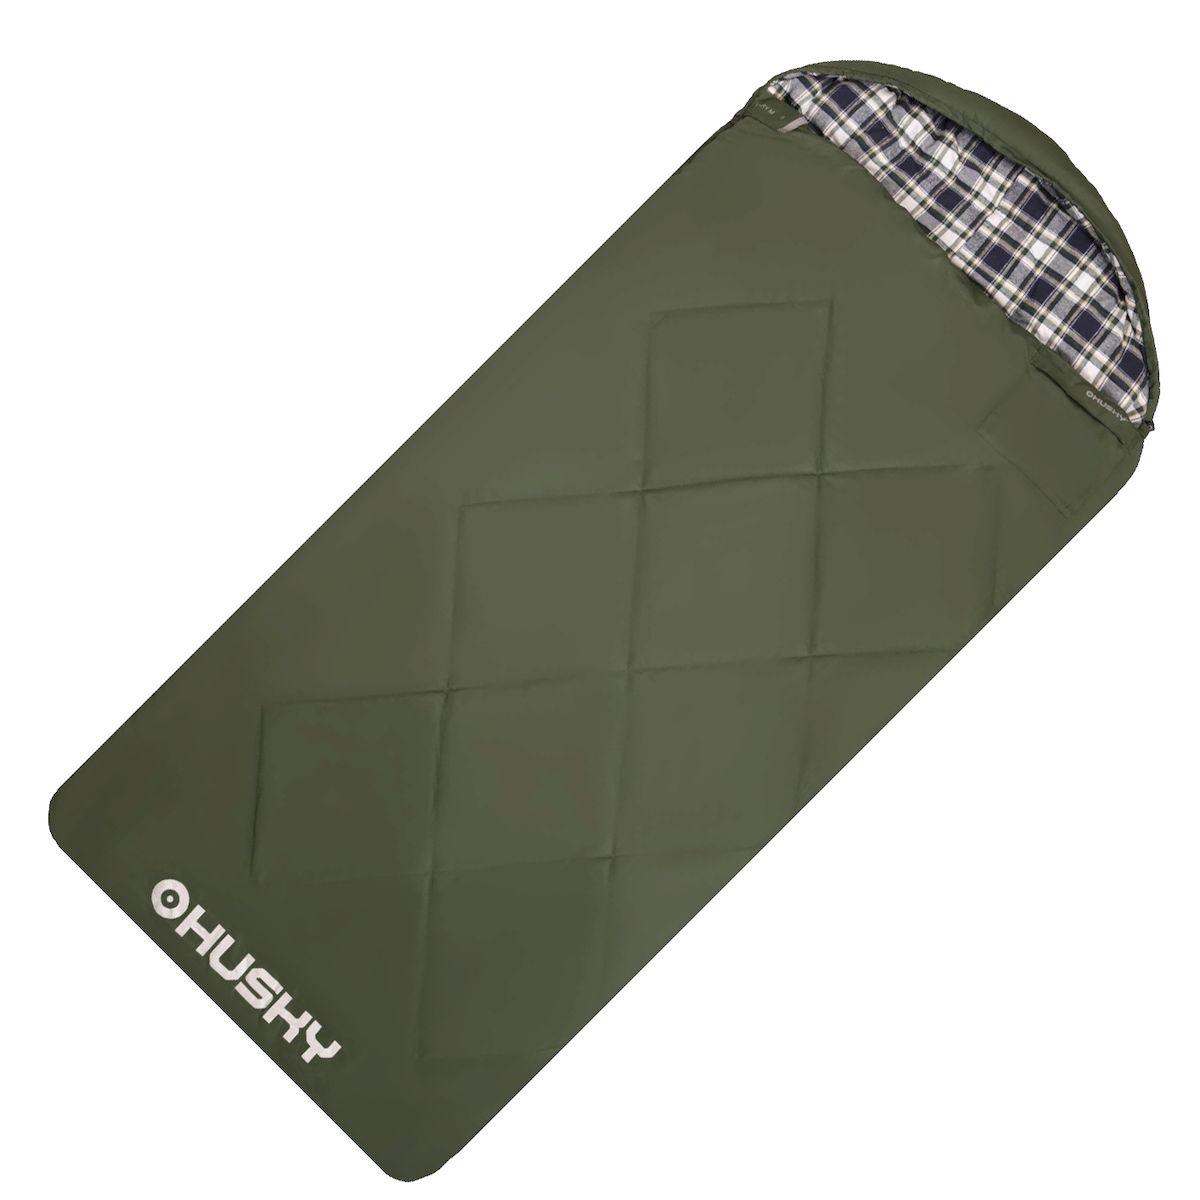 Спальник - одеяло Husky GARY -5С, левая молния, цвет: зеленыйУТ-000069821Спальник-одеяло с подголовником до -5°C (НОВИНКА) GARY Двухслойный спальный мешок-одеяло для кемпинга. Утеплитель из 4-х канального холофайбера, превосходная комбинация теплового комфорта с комфортом традиционного спального мешка-одеяла. Gary можно использовать не только на природе, но и в помещении как традиционное одеяло. Размеры: 90х220 см Размеры в сложенном виде: 45х37х20 см Вес: 2850 г Экстремальная температура: -5 С Комфортная температура: -0 С ... +5 С - Внешний материал: Pongee 75D 210T (лен) - Внутренний материал: флис (полиэстер) - Утеплитель: 2 слоя 150 г/м2 HollowFibre, - Конструкция: два слоя - Компрессионный мешок - Петли для сушки